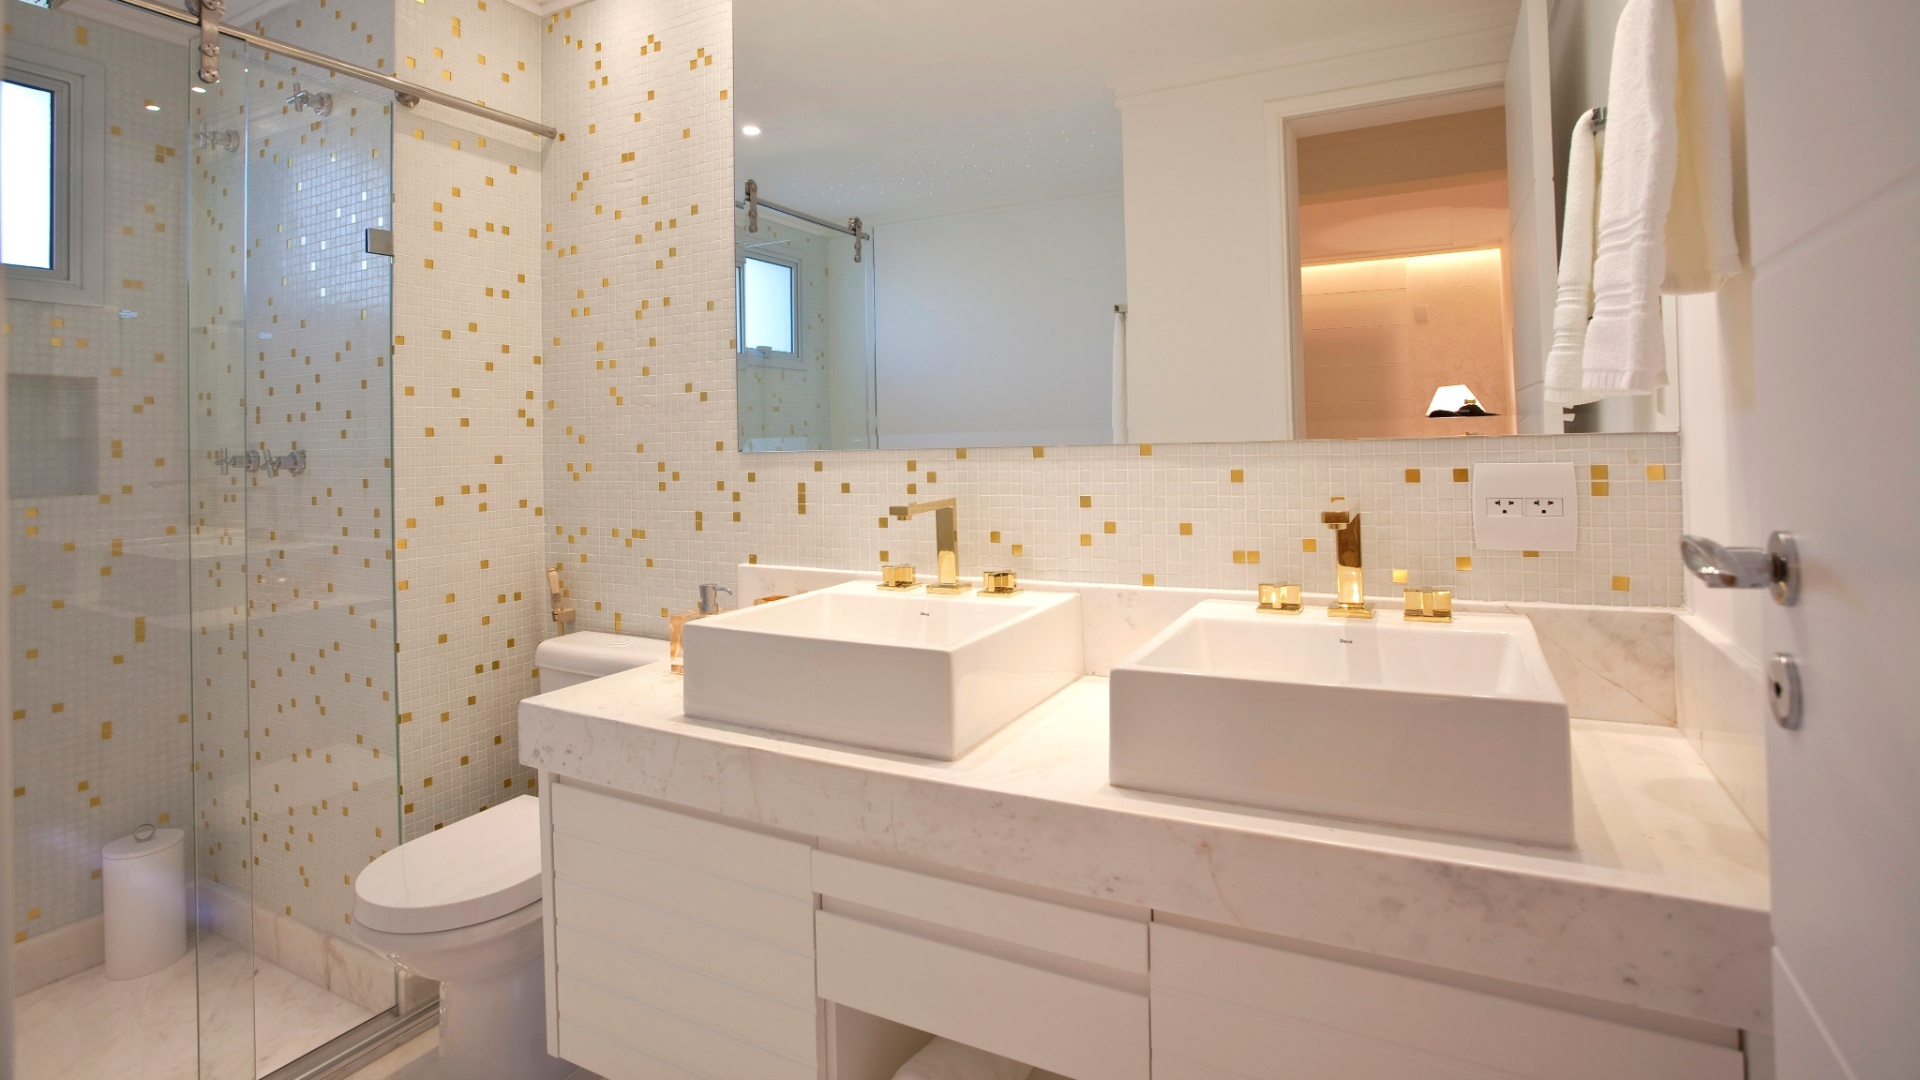 de 7 8 m² idealizado por Shenia Nogueira. A confortável bancada de  #91683A 1920x1080 Bancada Banheiro De Vidro